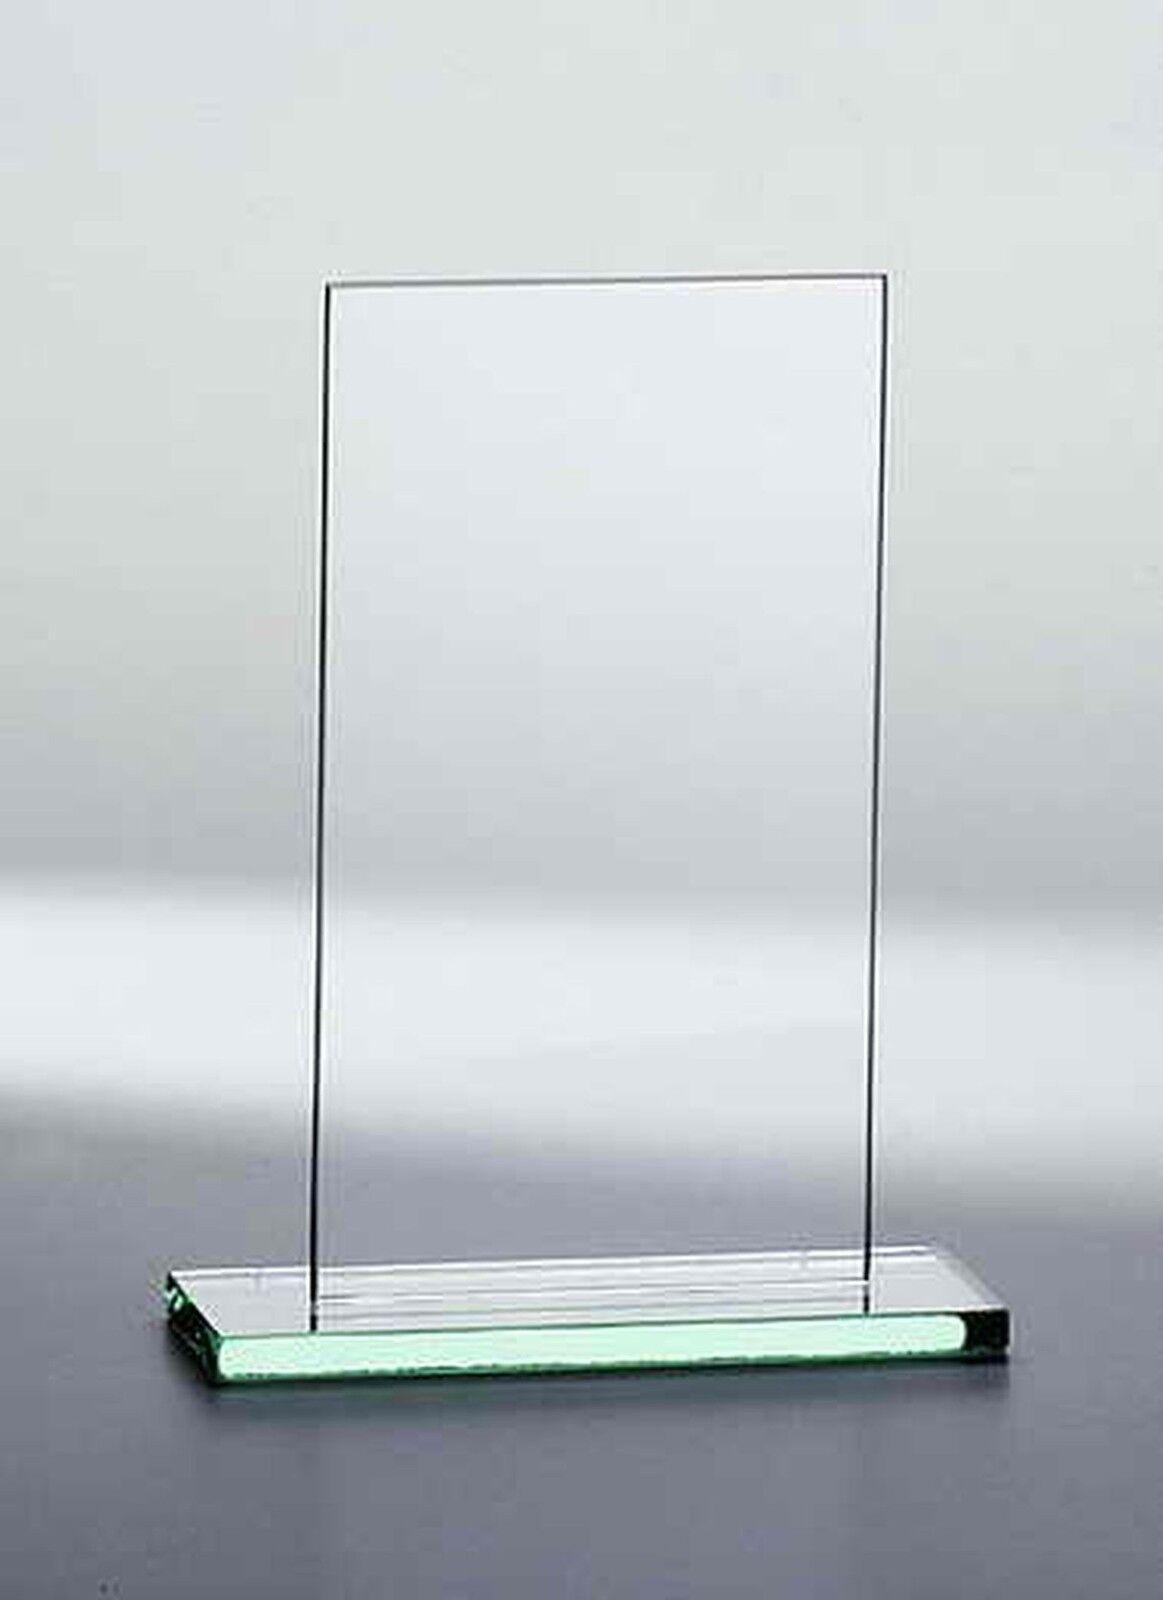 25-vidrio trofeos 6mm fuerte neutro 15cm   1 (glaspokale trofeo grabado trofeos)